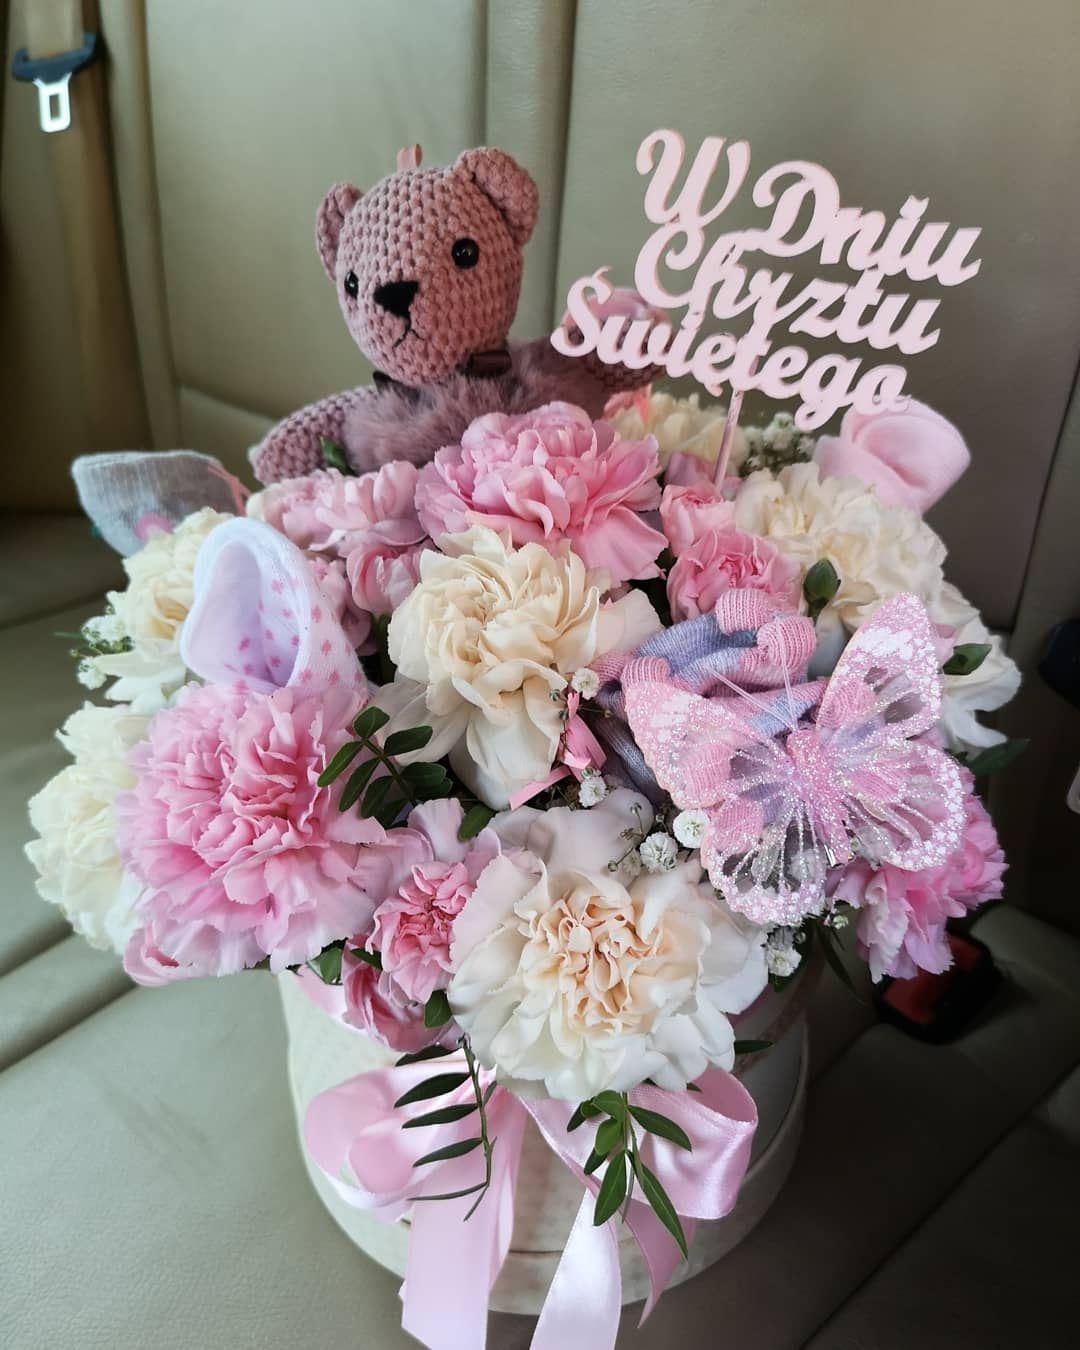 Box Na Chrzciny Box Flowers Flowerbox Kwiaty Mis Bear Handmade Rekodzielo Kwiaciarnia Kwiaciarniaroku Beauty Flower Boxes Floral Wreath Floral